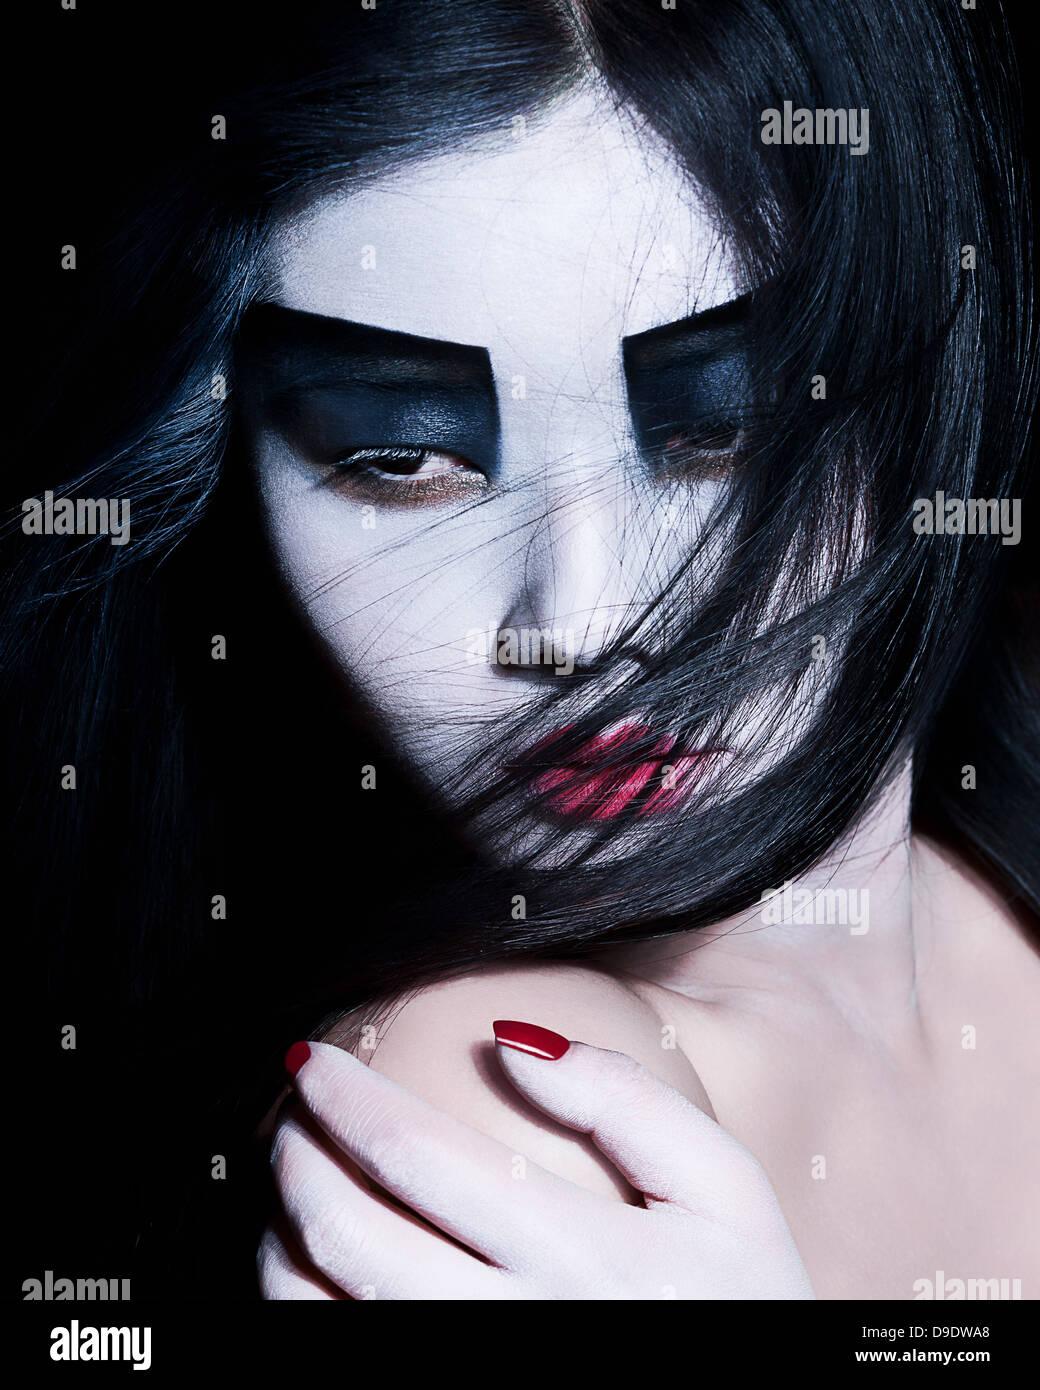 Mujer joven con maquillaje dramático, sombreador de ojos negros Imagen De Stock